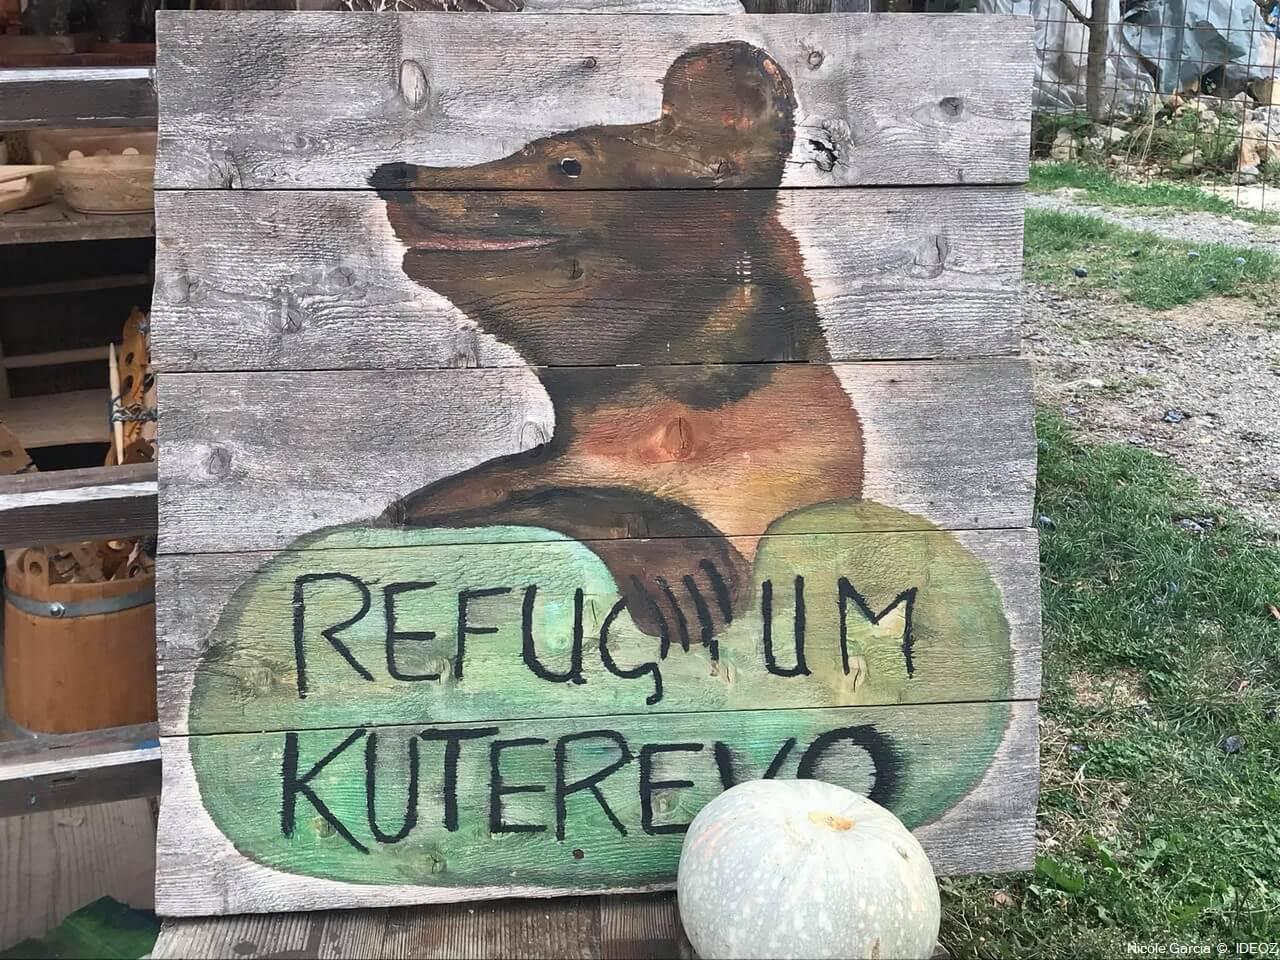 Refuge des ours de Kuterevo : rencontre avec les ours bruns de Croatie 2